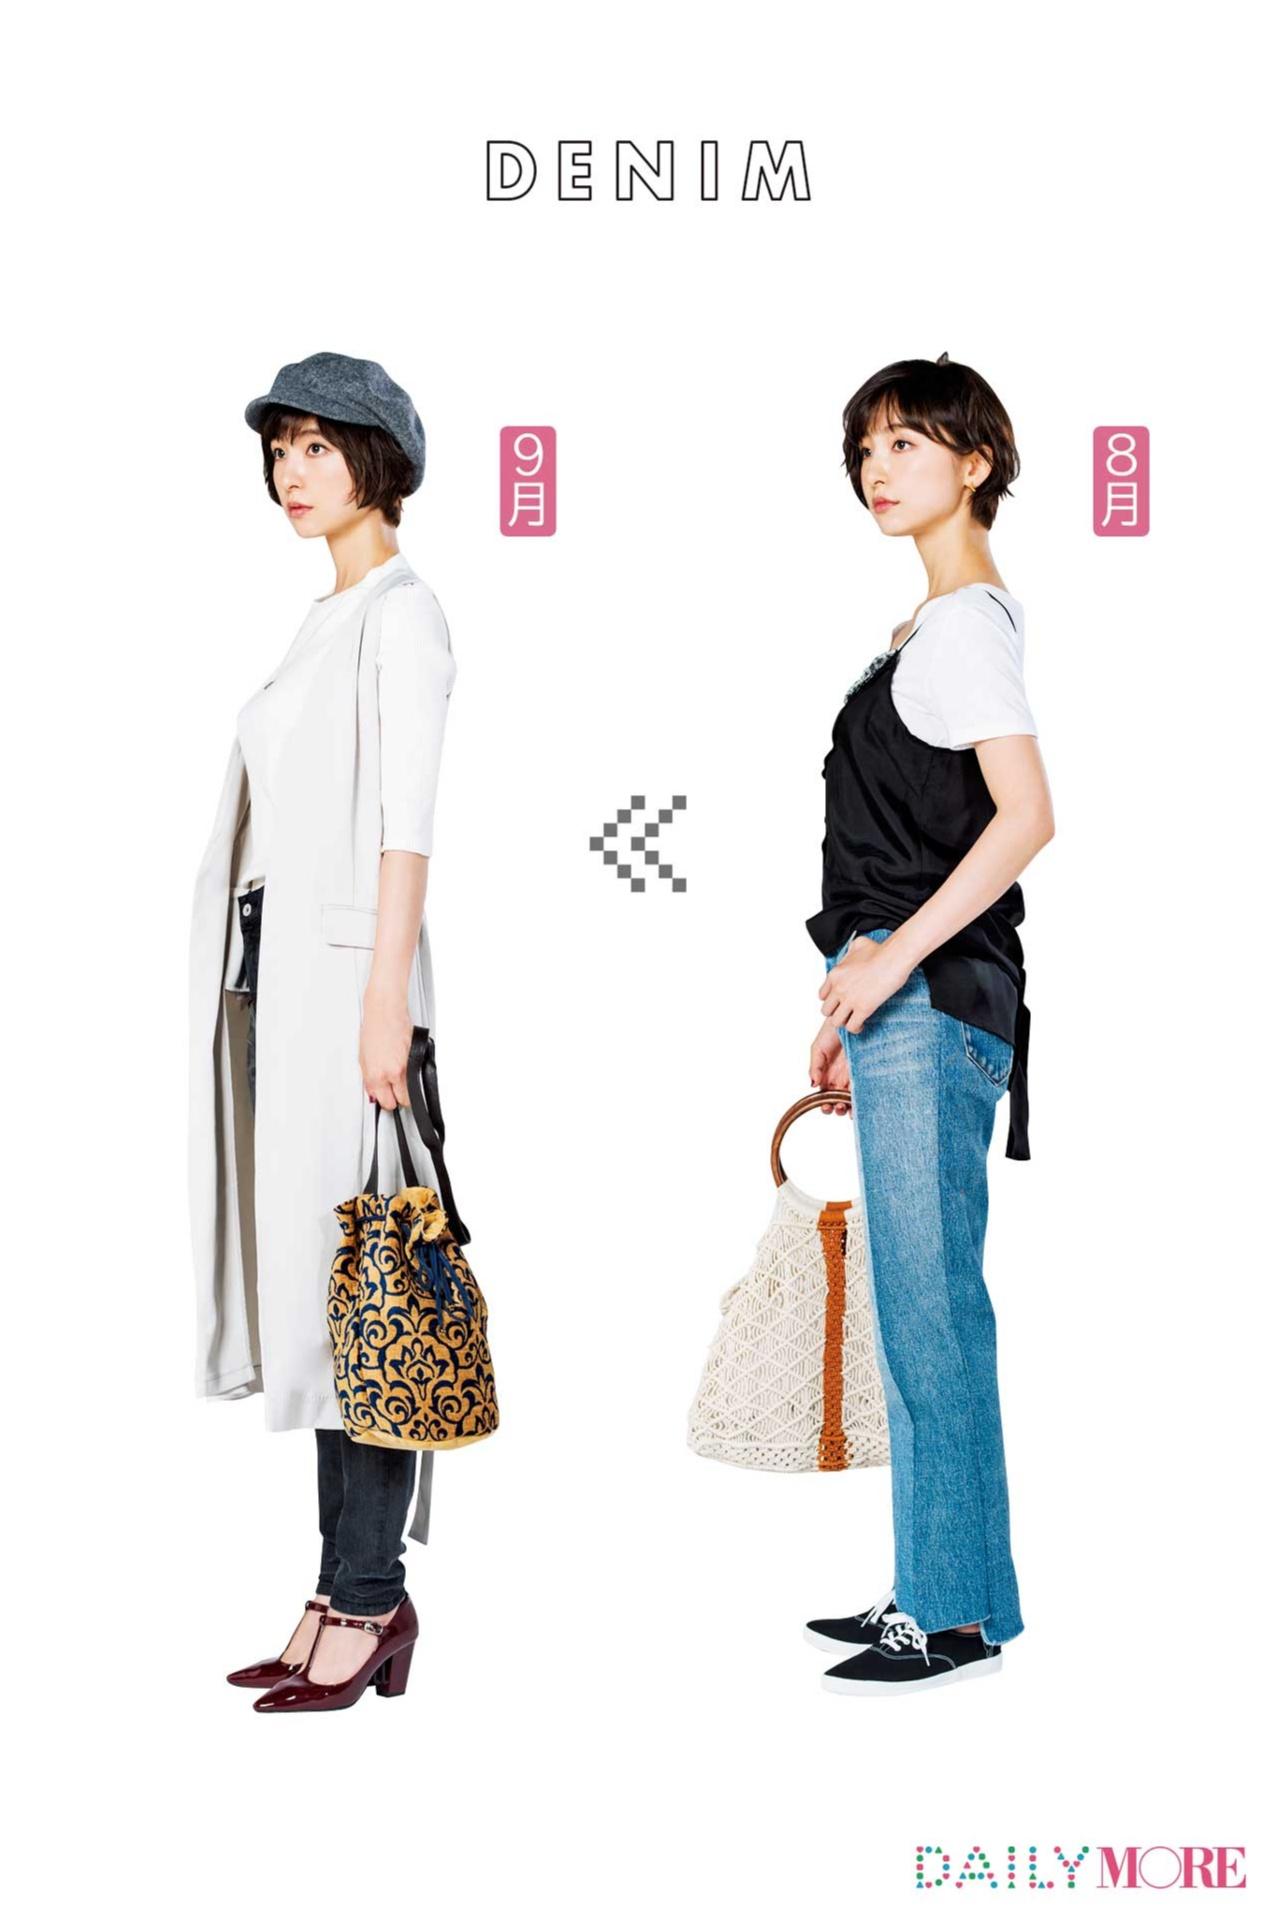 【麻里子が実証、劇的Before→After】9月になったら、ぺたんこ靴からチャンキーヒールへチェンジ! _1